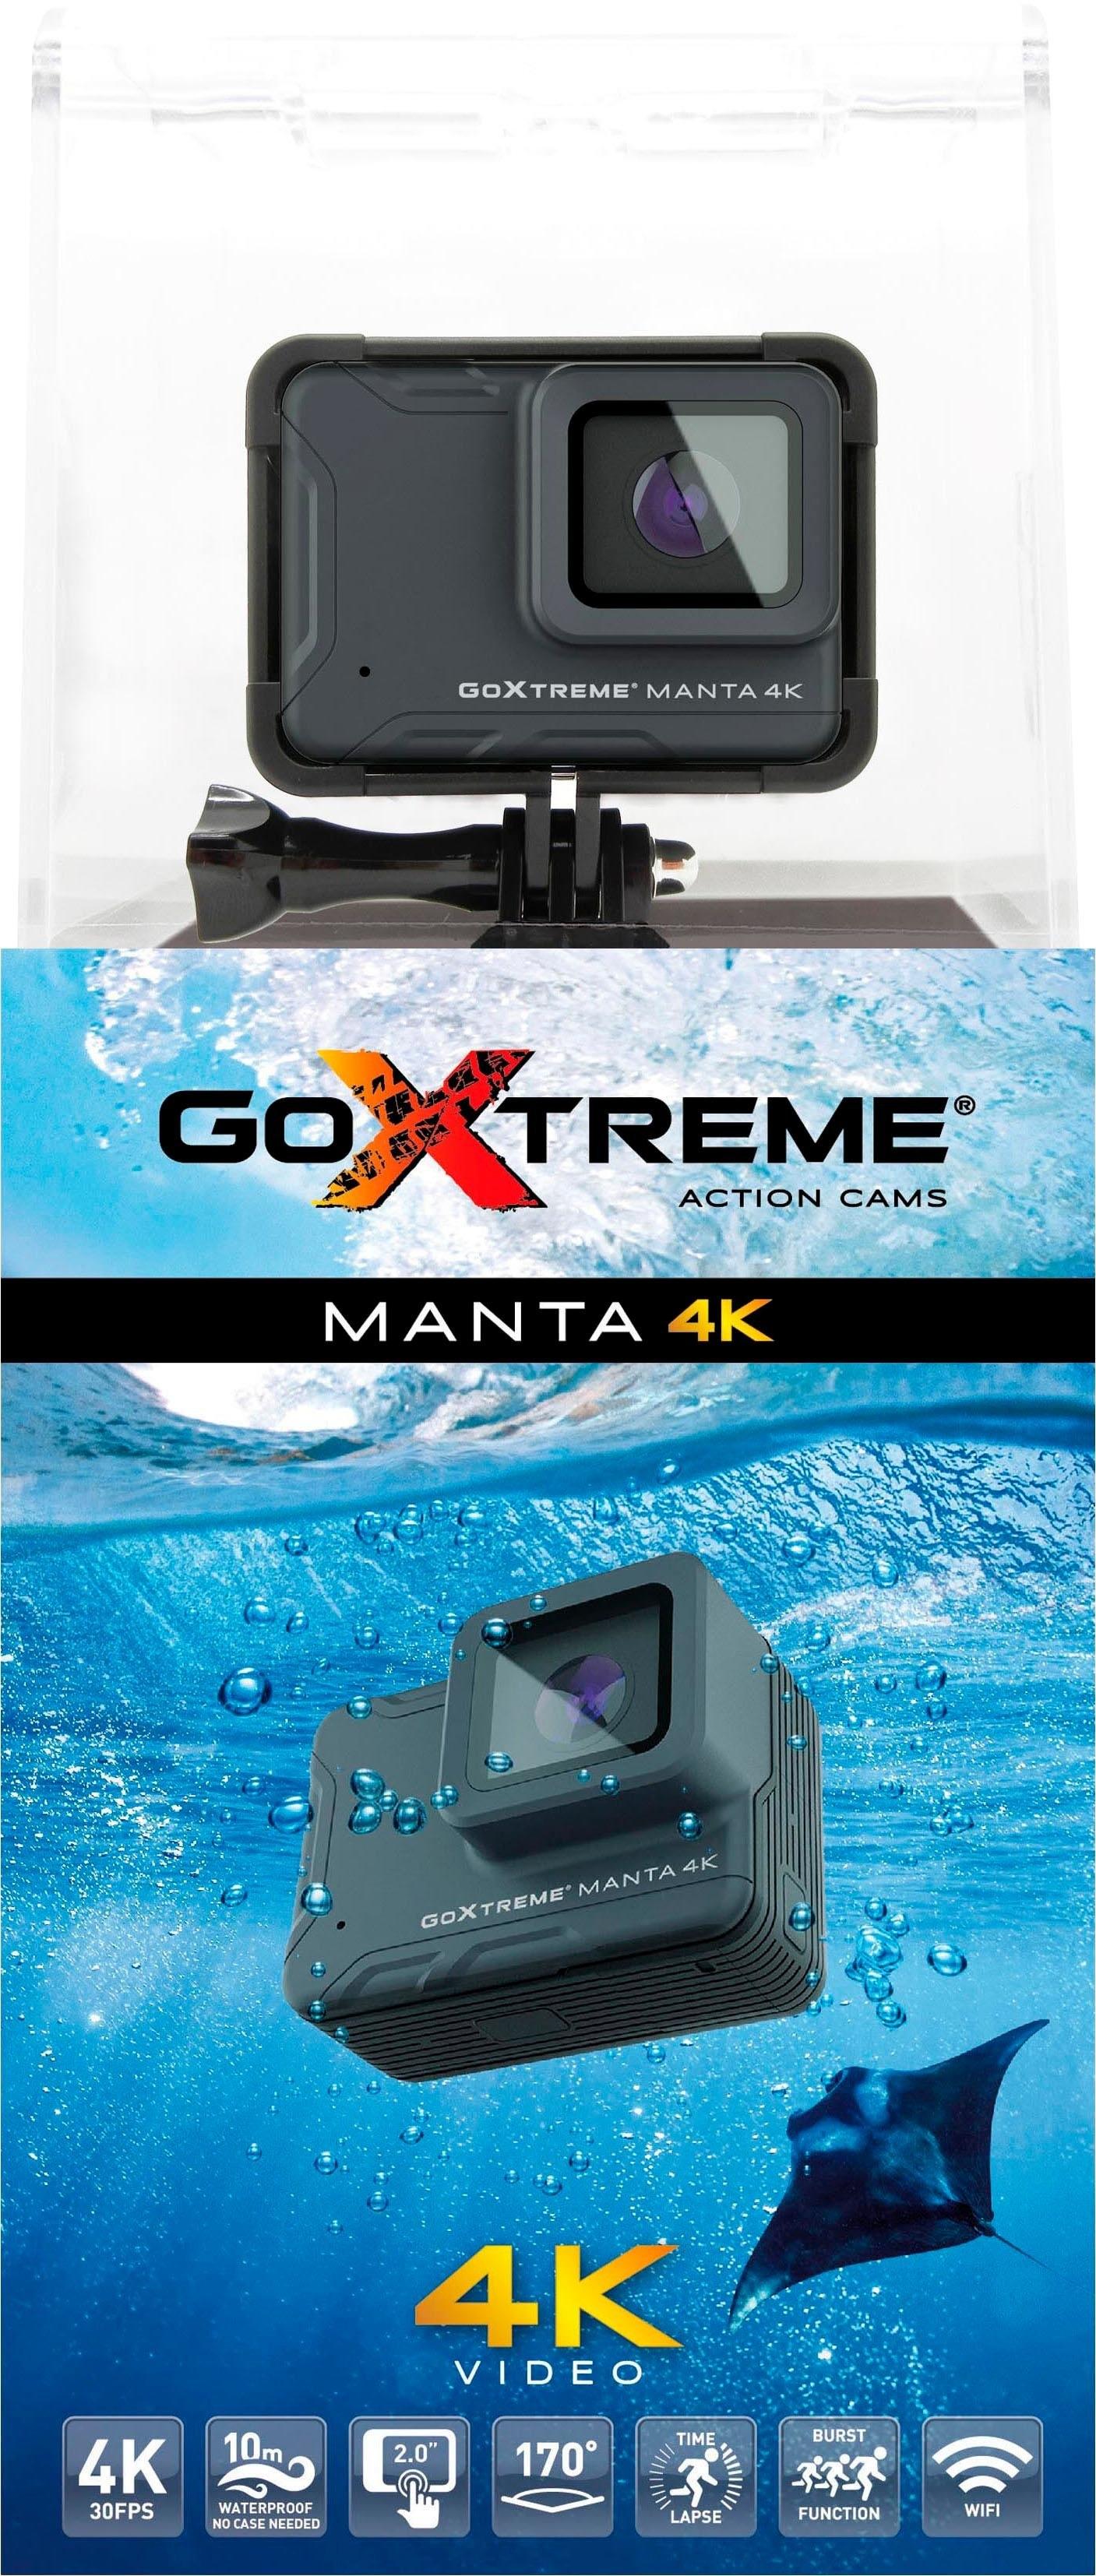 Goxtreme »Goxtreme® Manta 4K« Action Cam (4K Ultra HD, WLAN (Wi-Fi)) - gratis ruilen op otto.nl